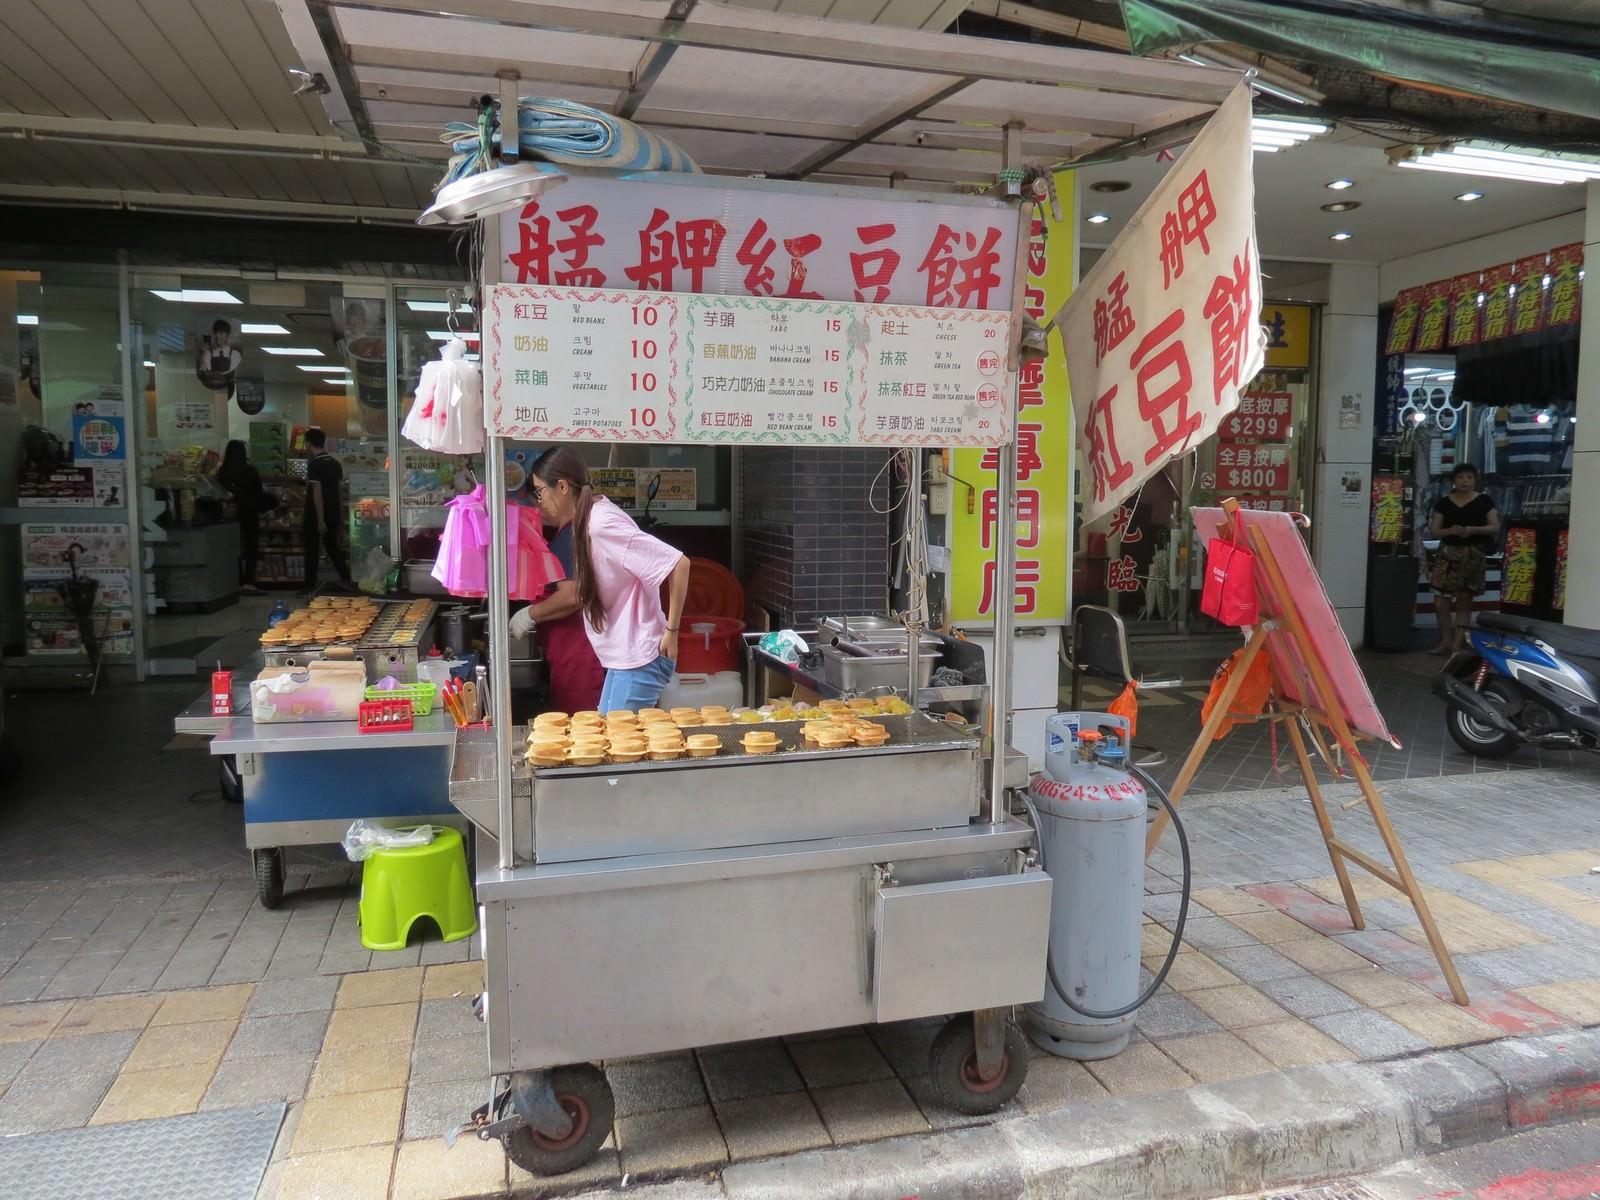 艋舺紅豆餅@廣州街夜市, 店面